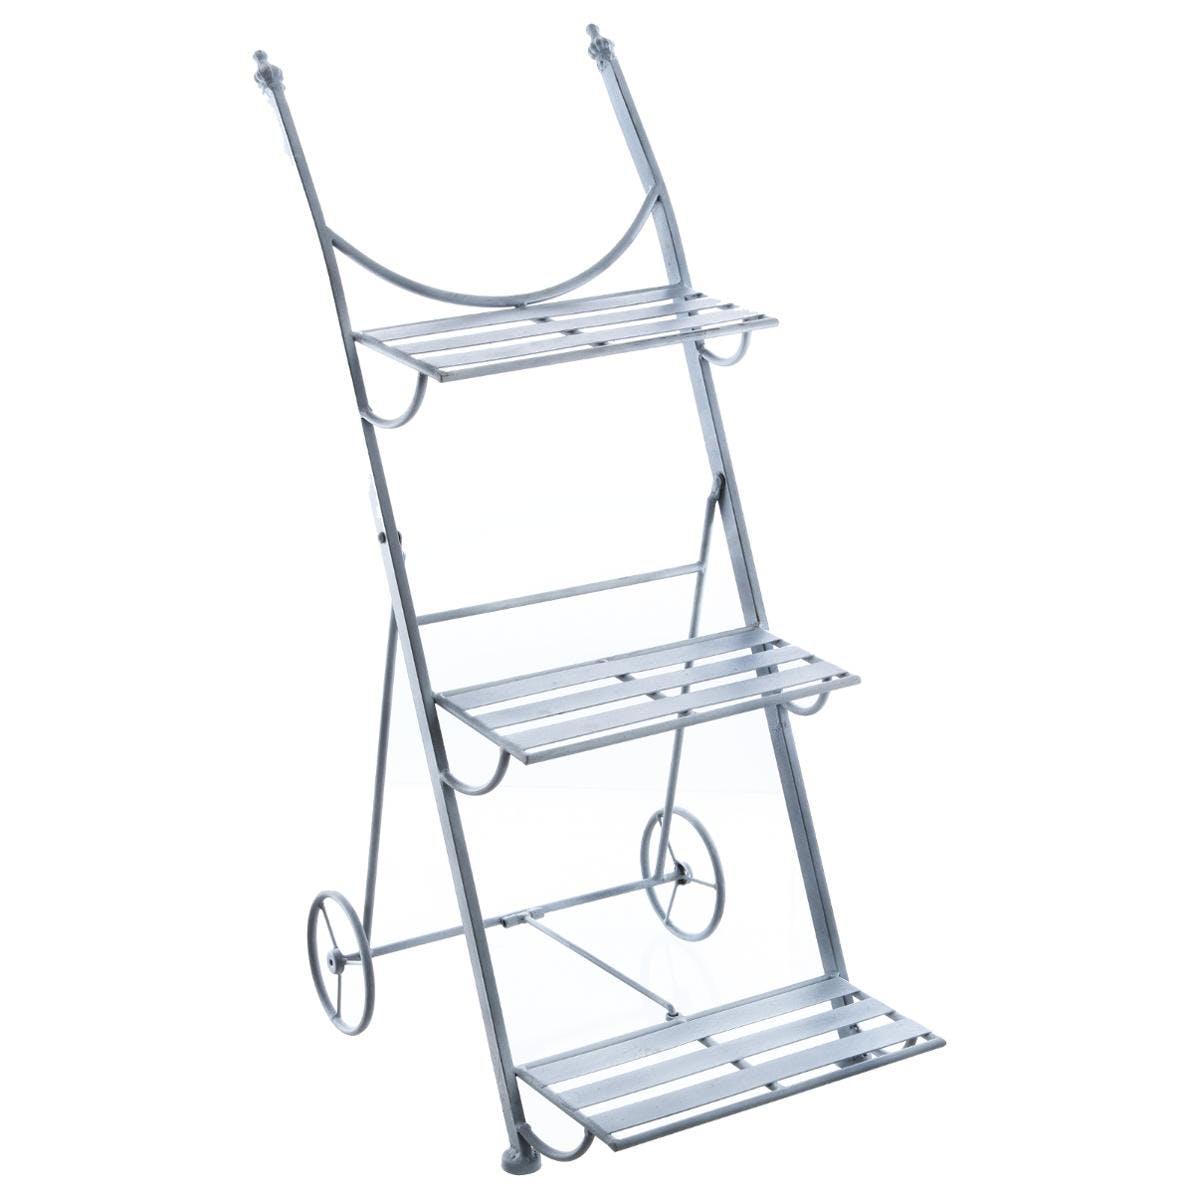 Etagère escalier 3 etages à roulettes en métal gris 37x58x83cm